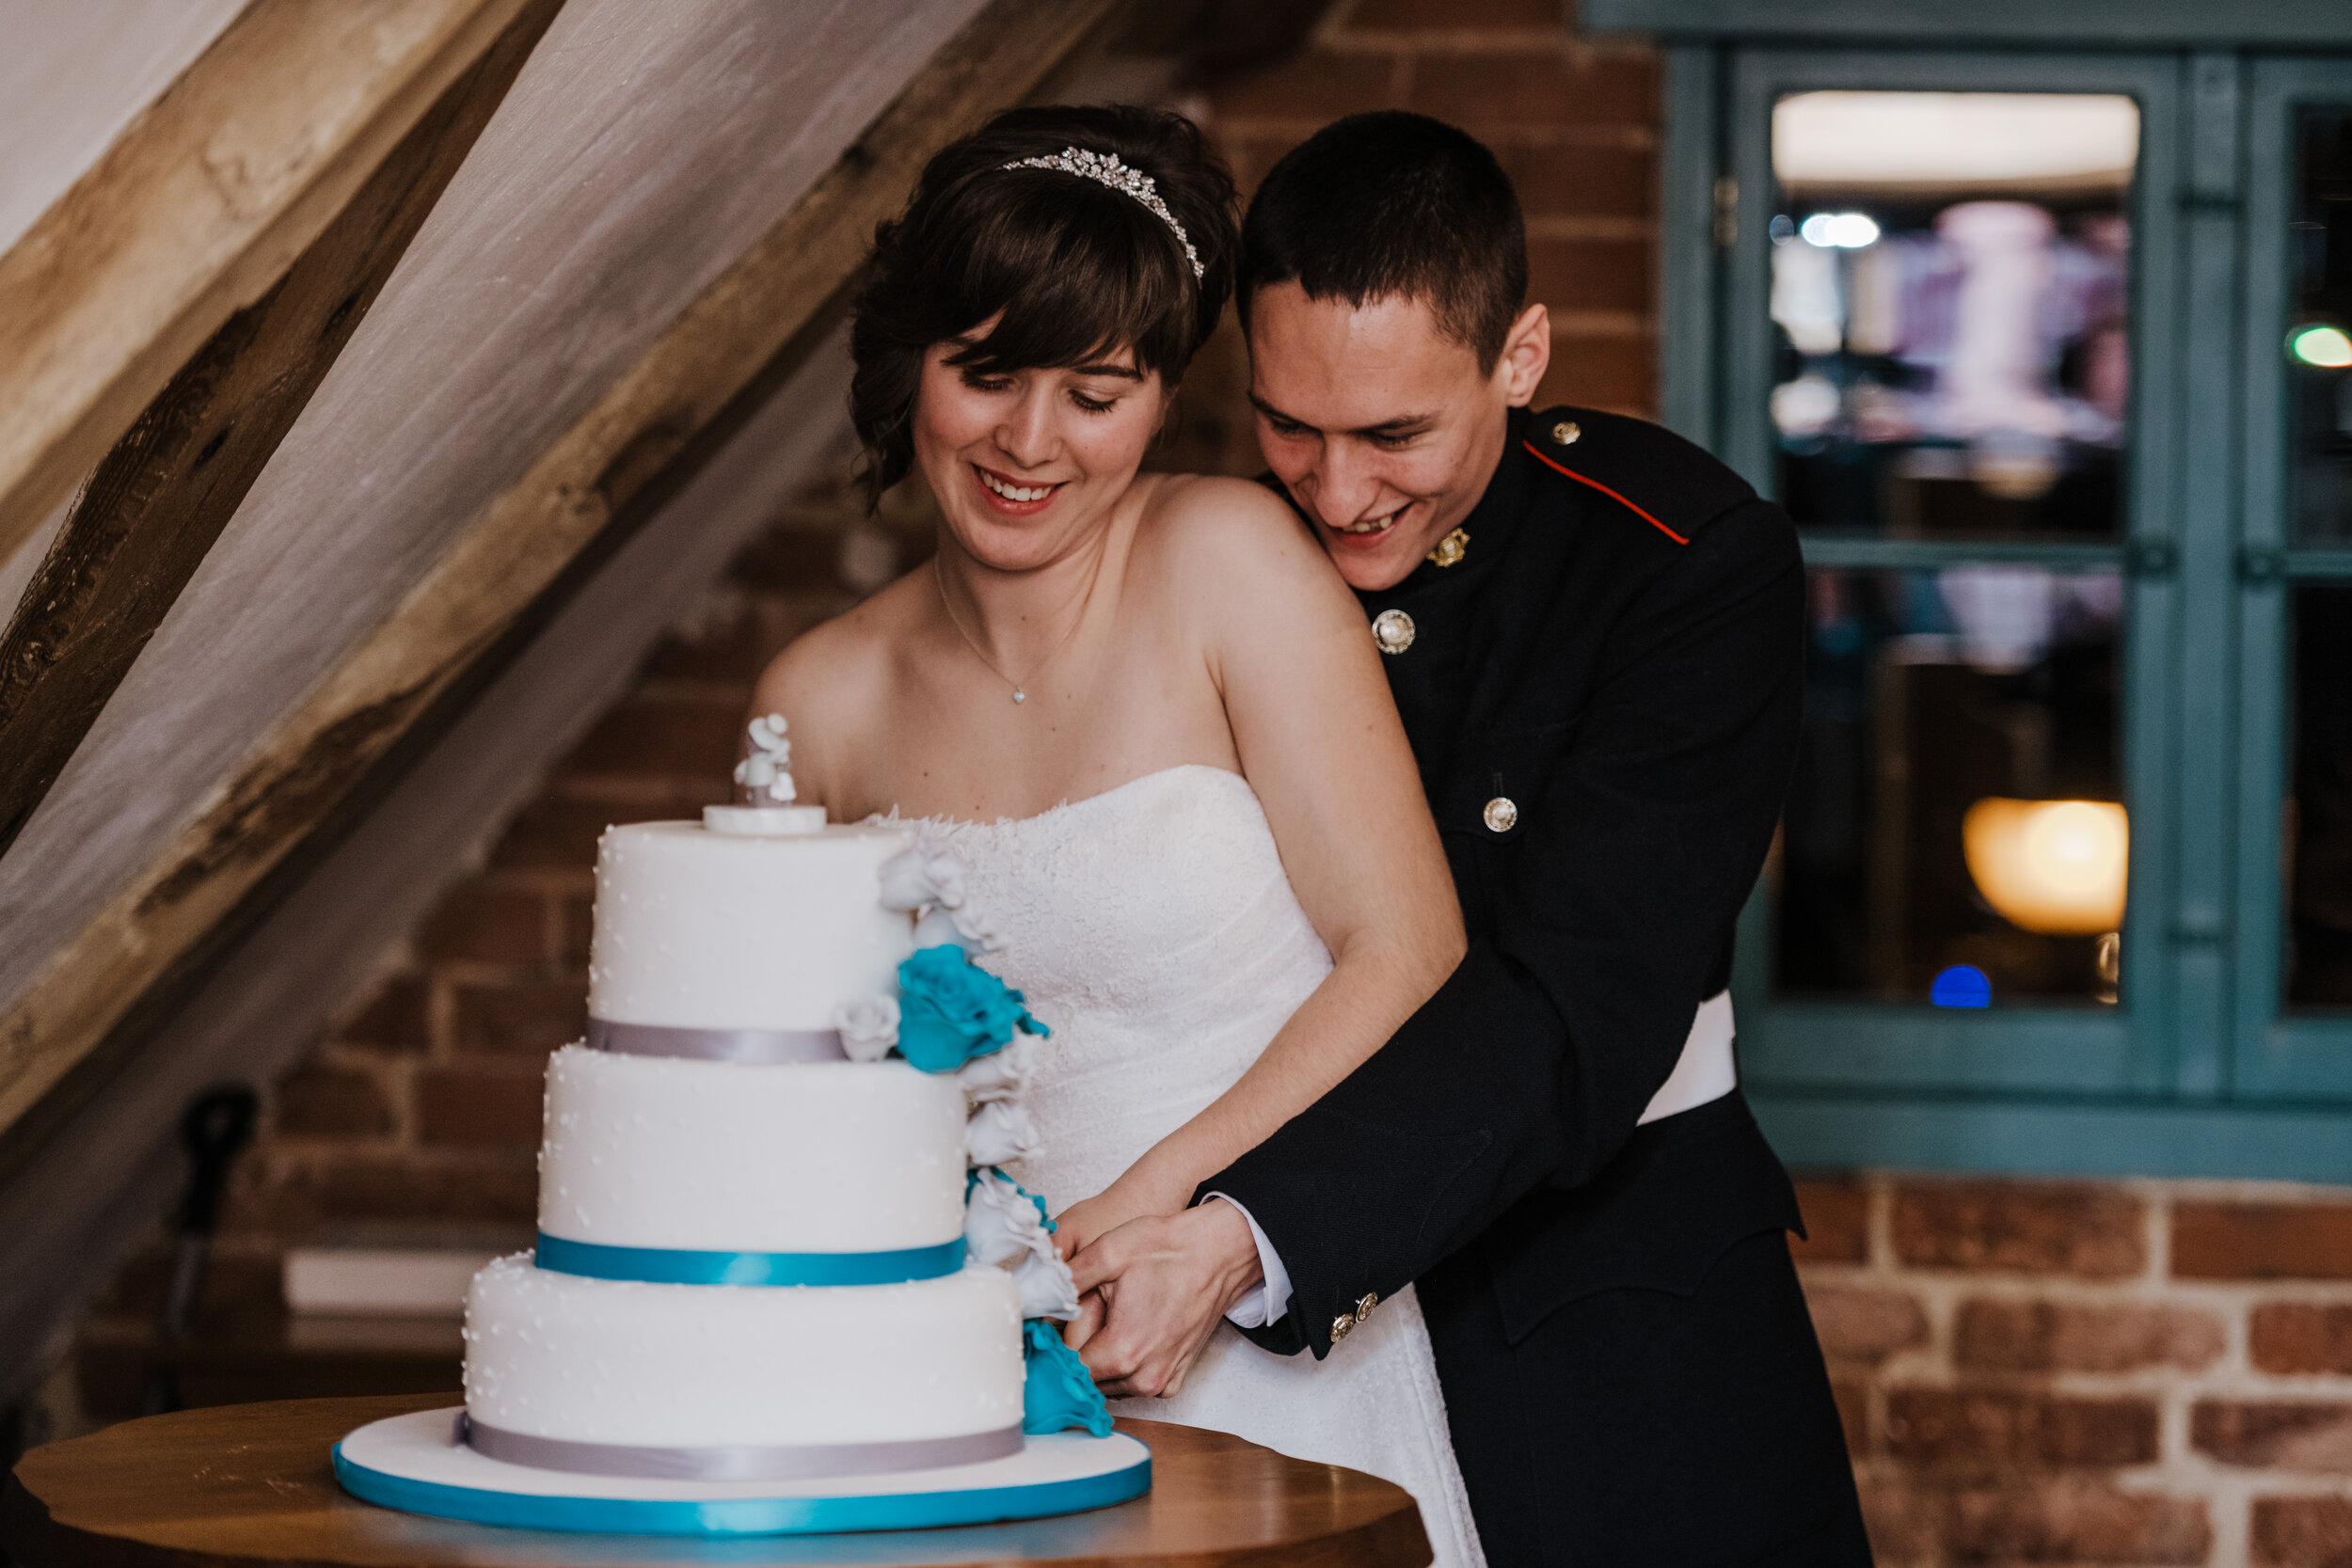 SUFFOLK_WEDDING_PHOTOGRAPHY_ISAACS_WEDDING_VENUE_WEDDINGPHOTOGRAPHERNEARME_iPSWICHWEDDINGPHOTOGRAPHER (79).jpg